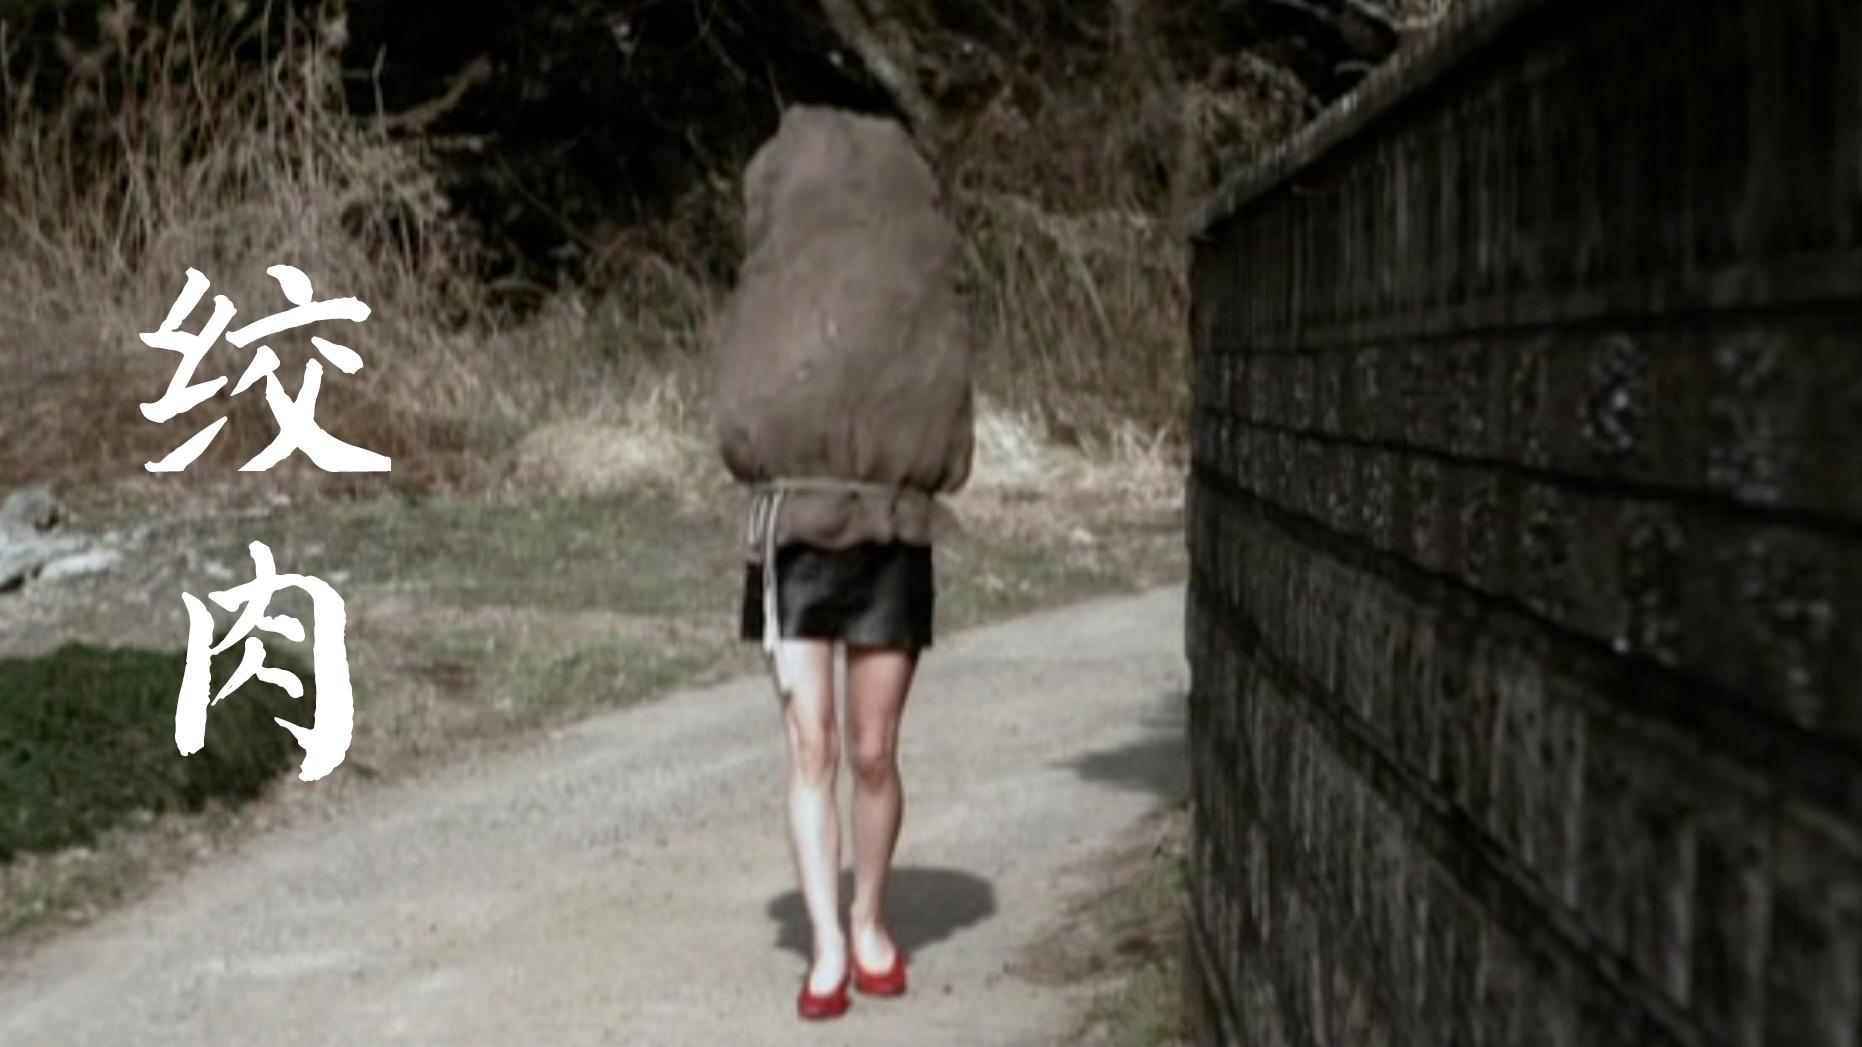 日本恐怖片《鬼女魔咒》,这么漂亮的麻袋女,上半身竟是个绞肉机